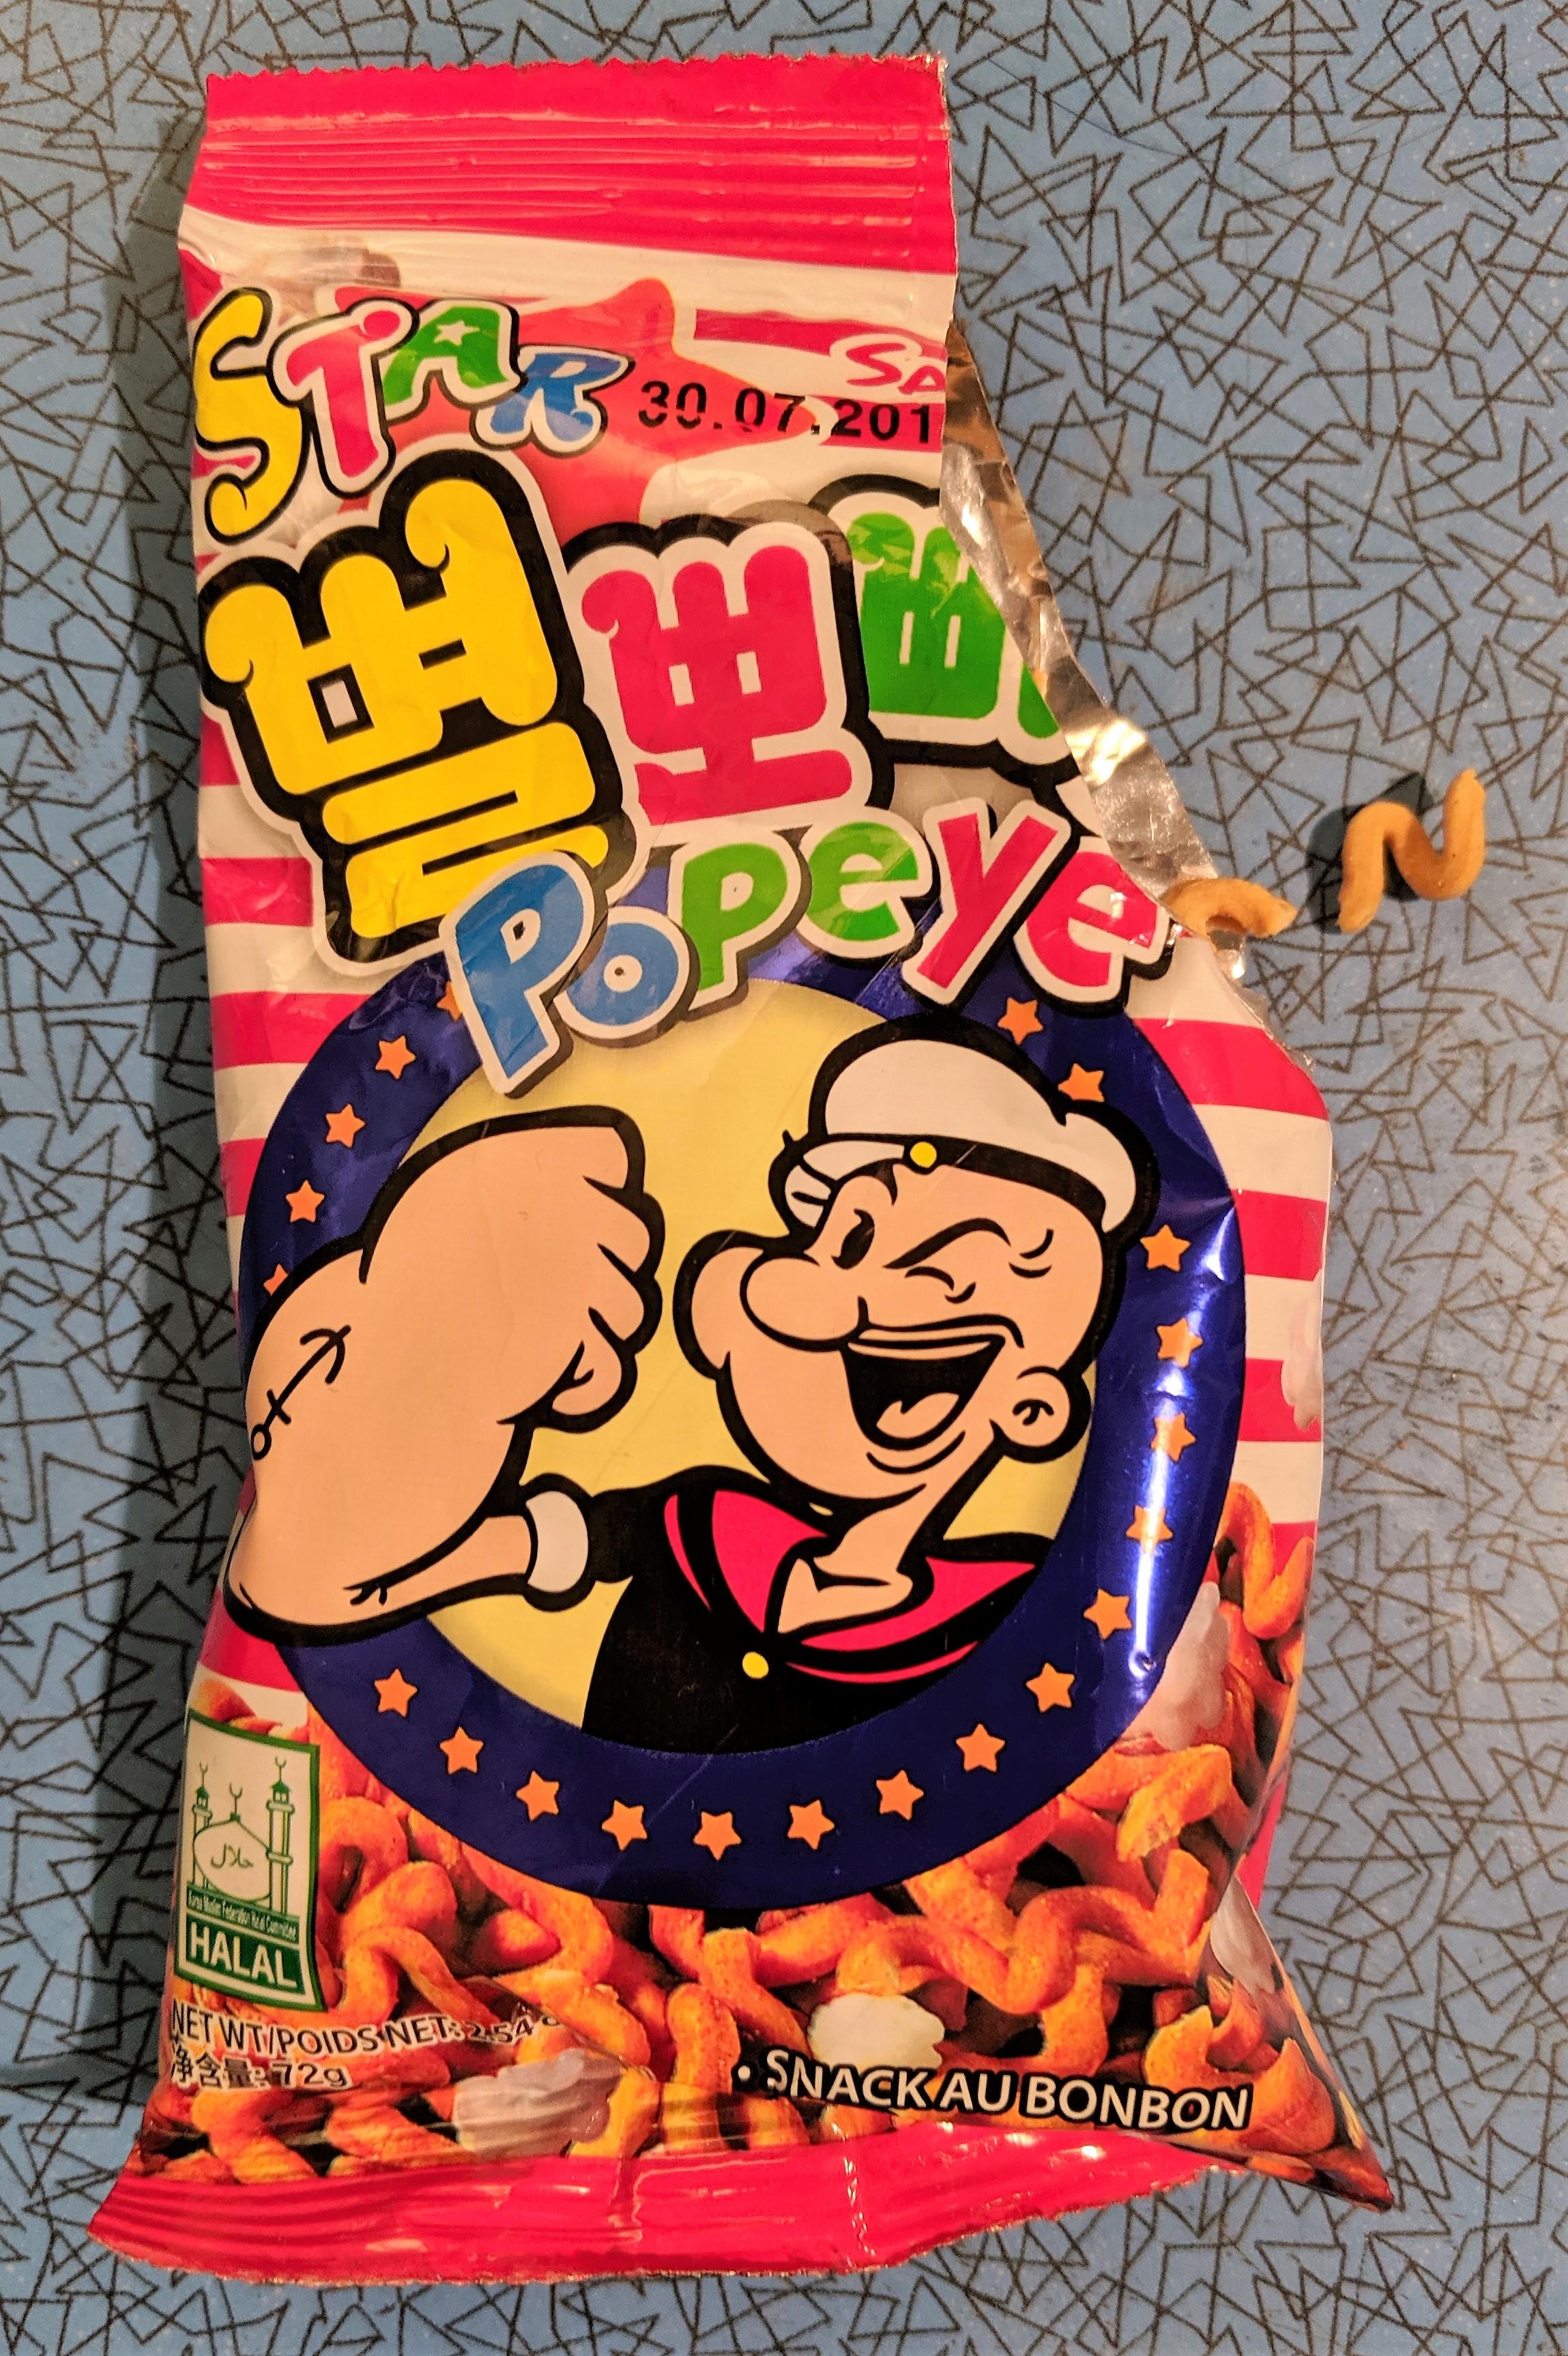 Popeye Noodle